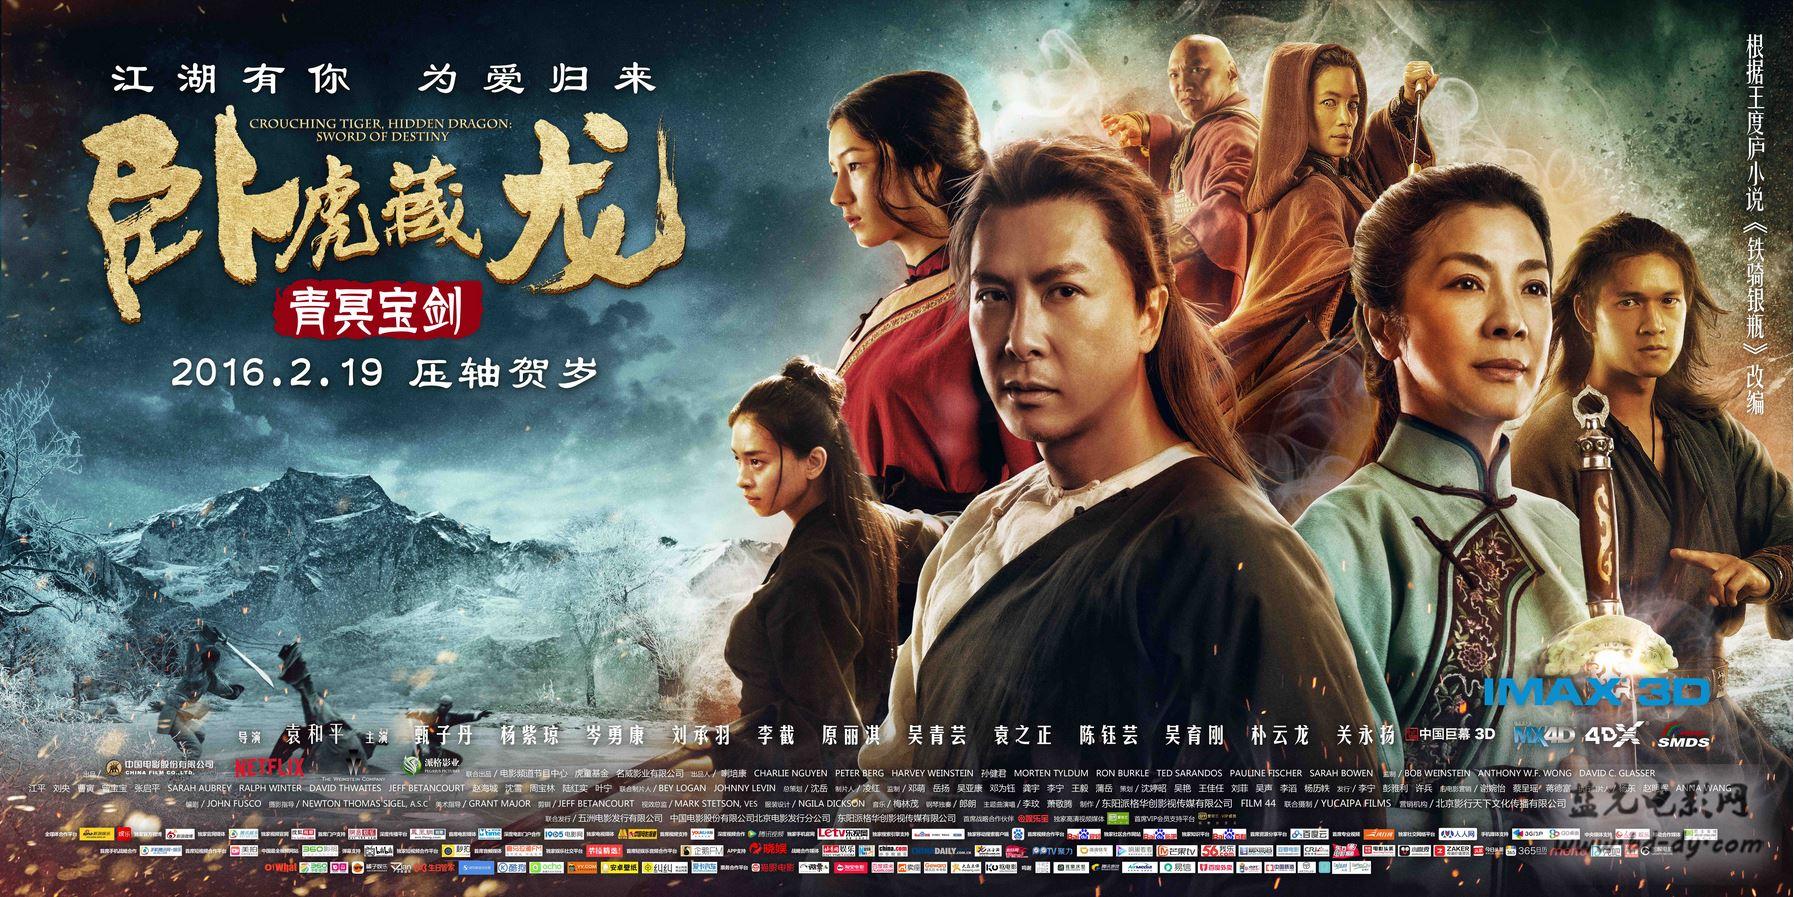 《卧虎藏龙2:青冥宝剑》2016动作武侠.HD720P.国语中字